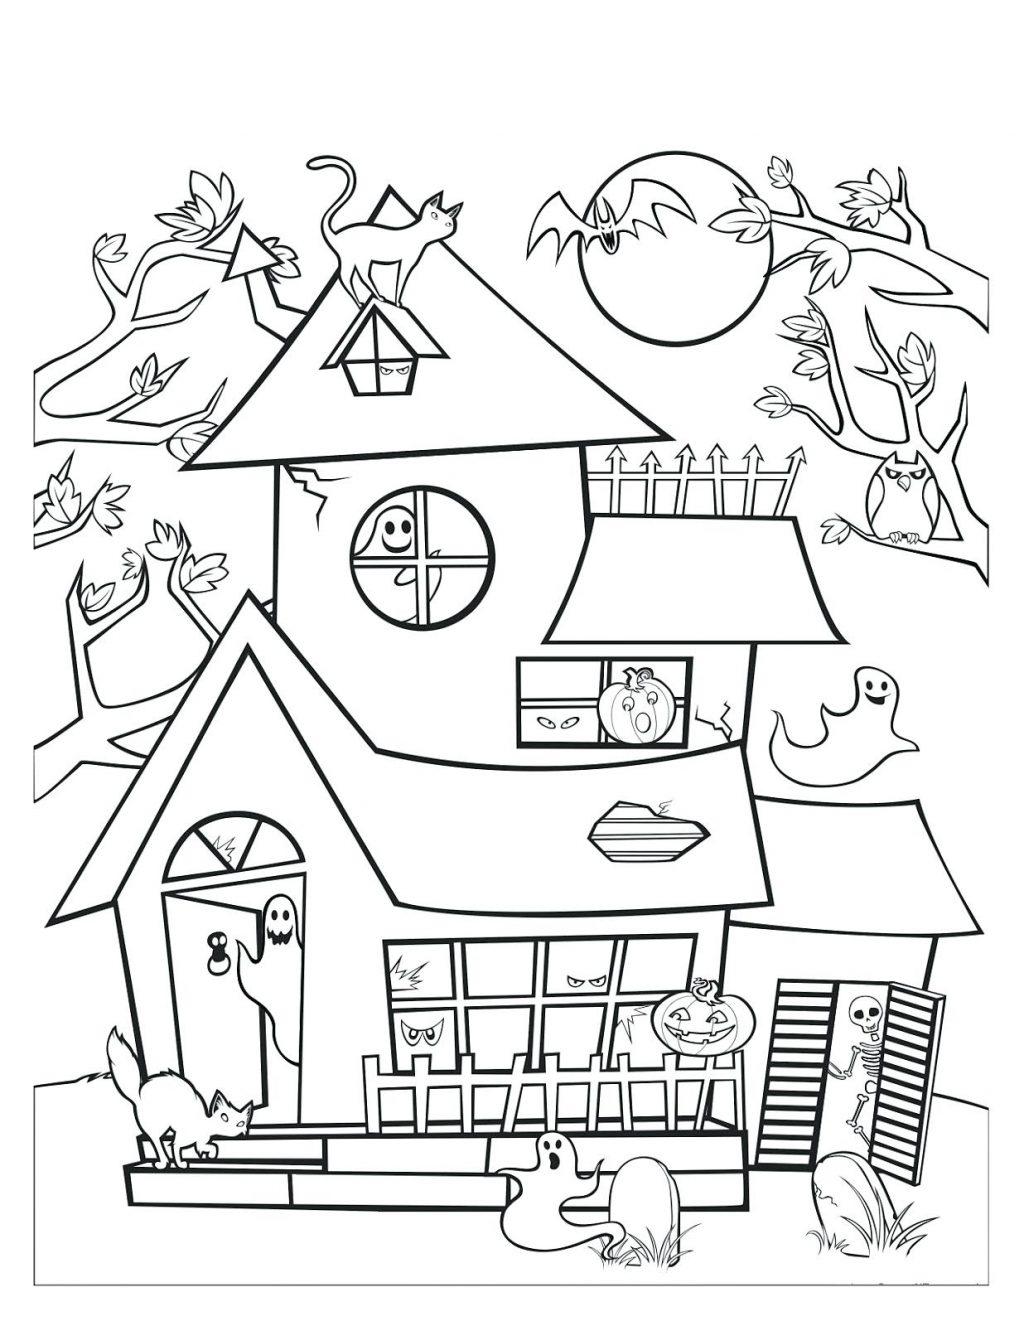 Haunted Mansion Drawing At Getdrawings